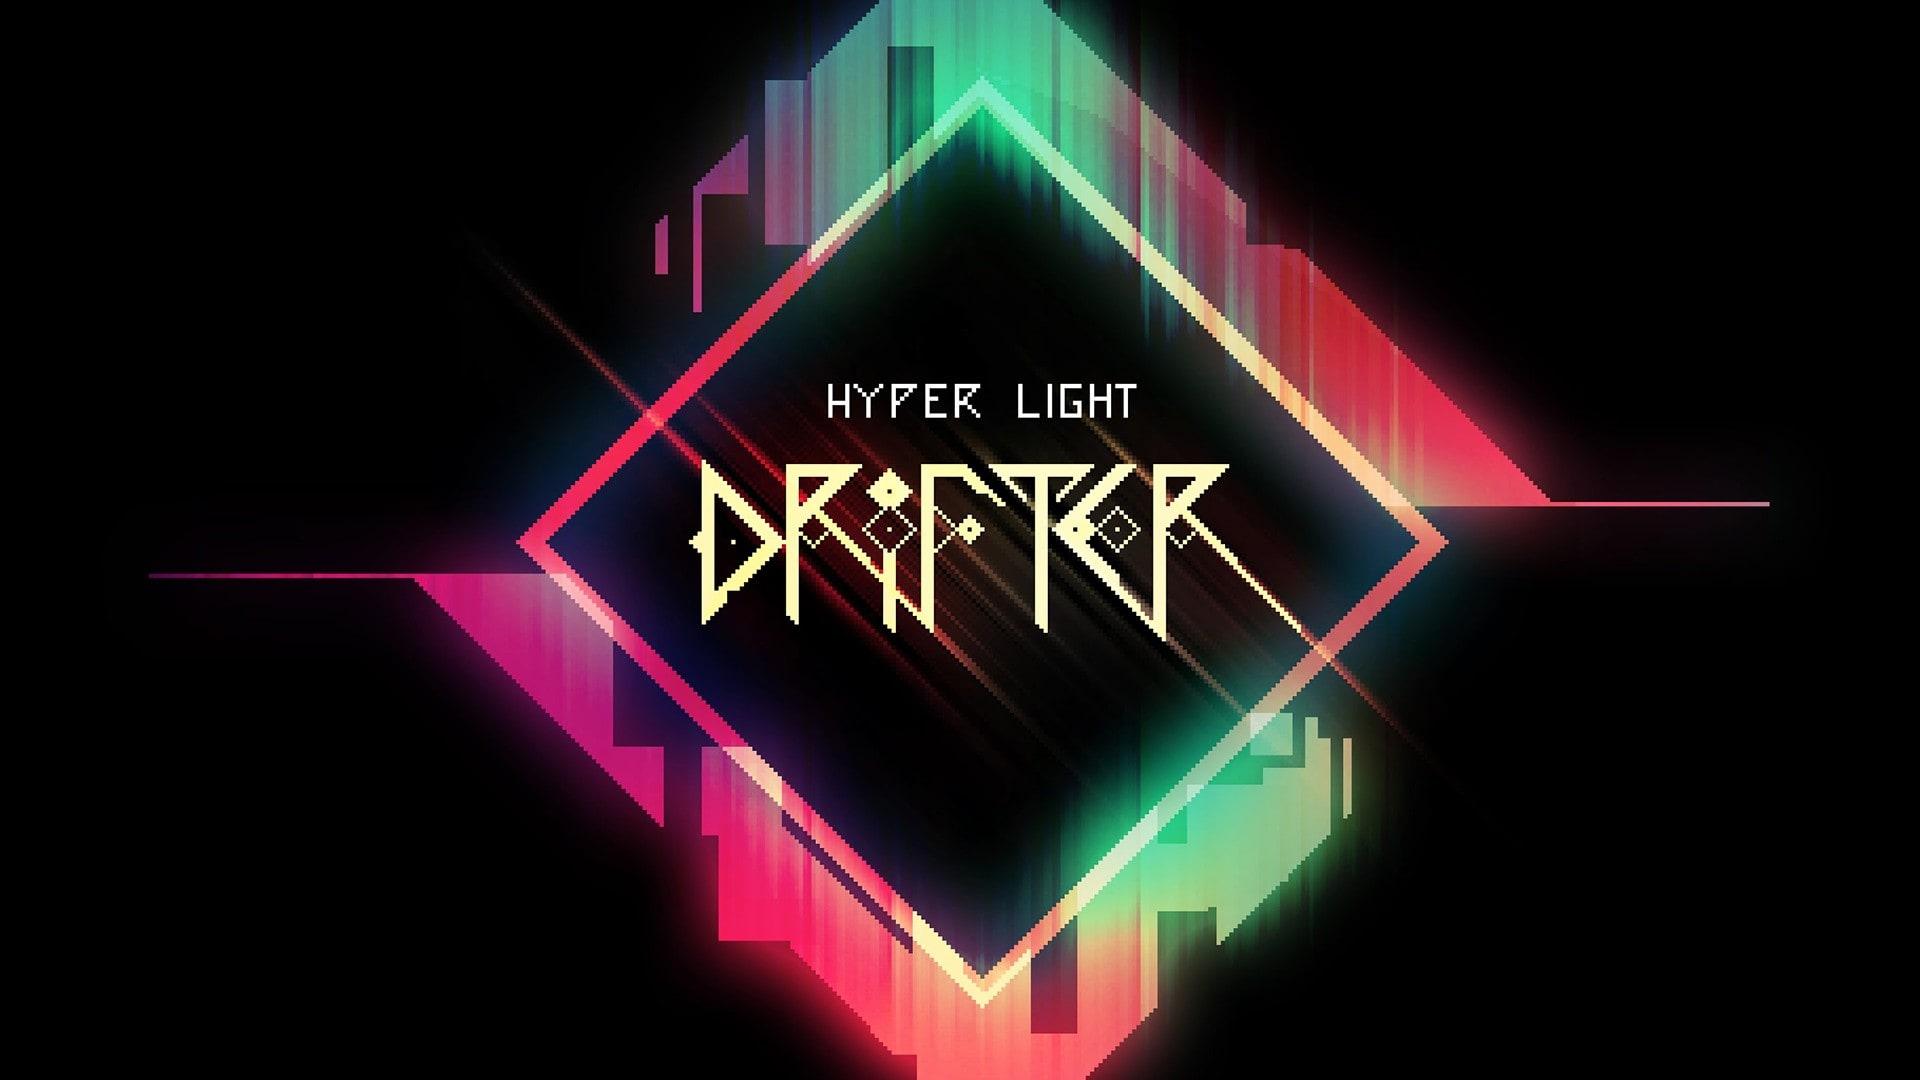 Hyper Light Drifter High